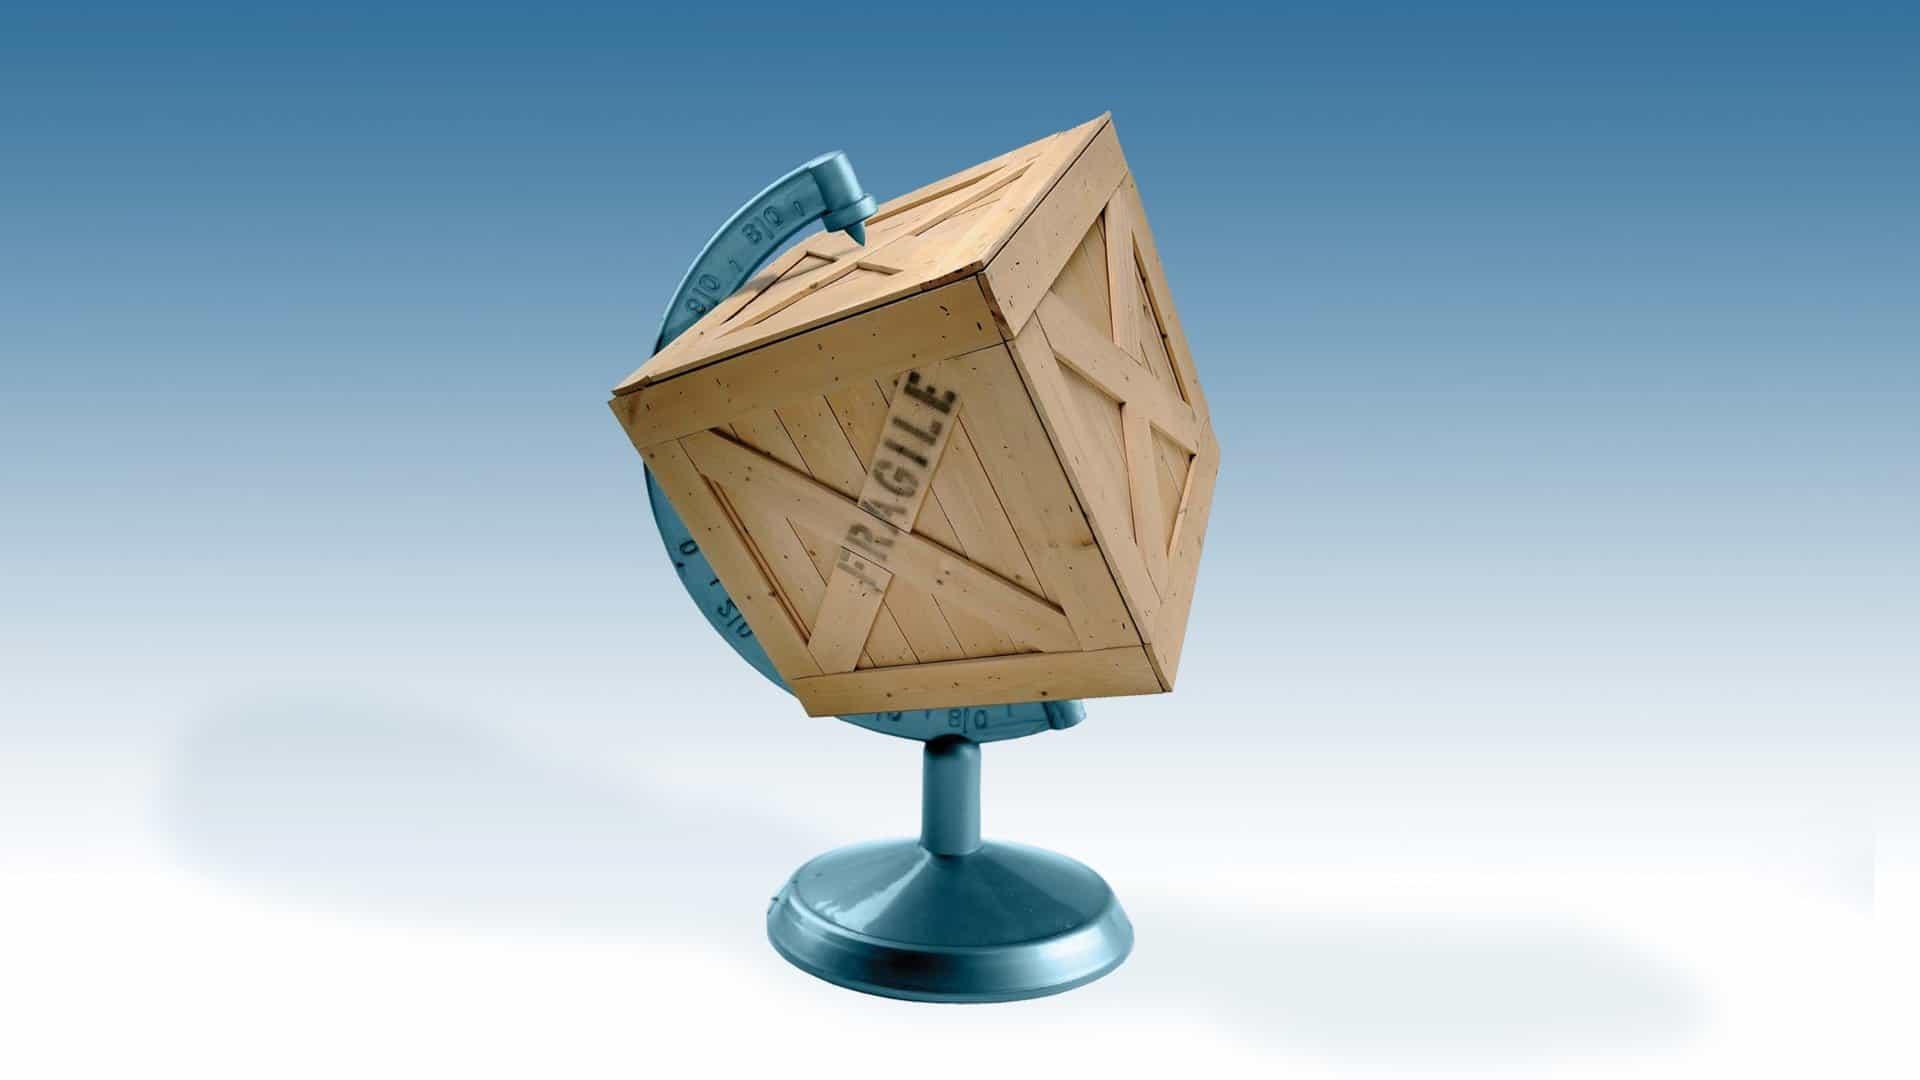 Santini Export Packing Global Crate